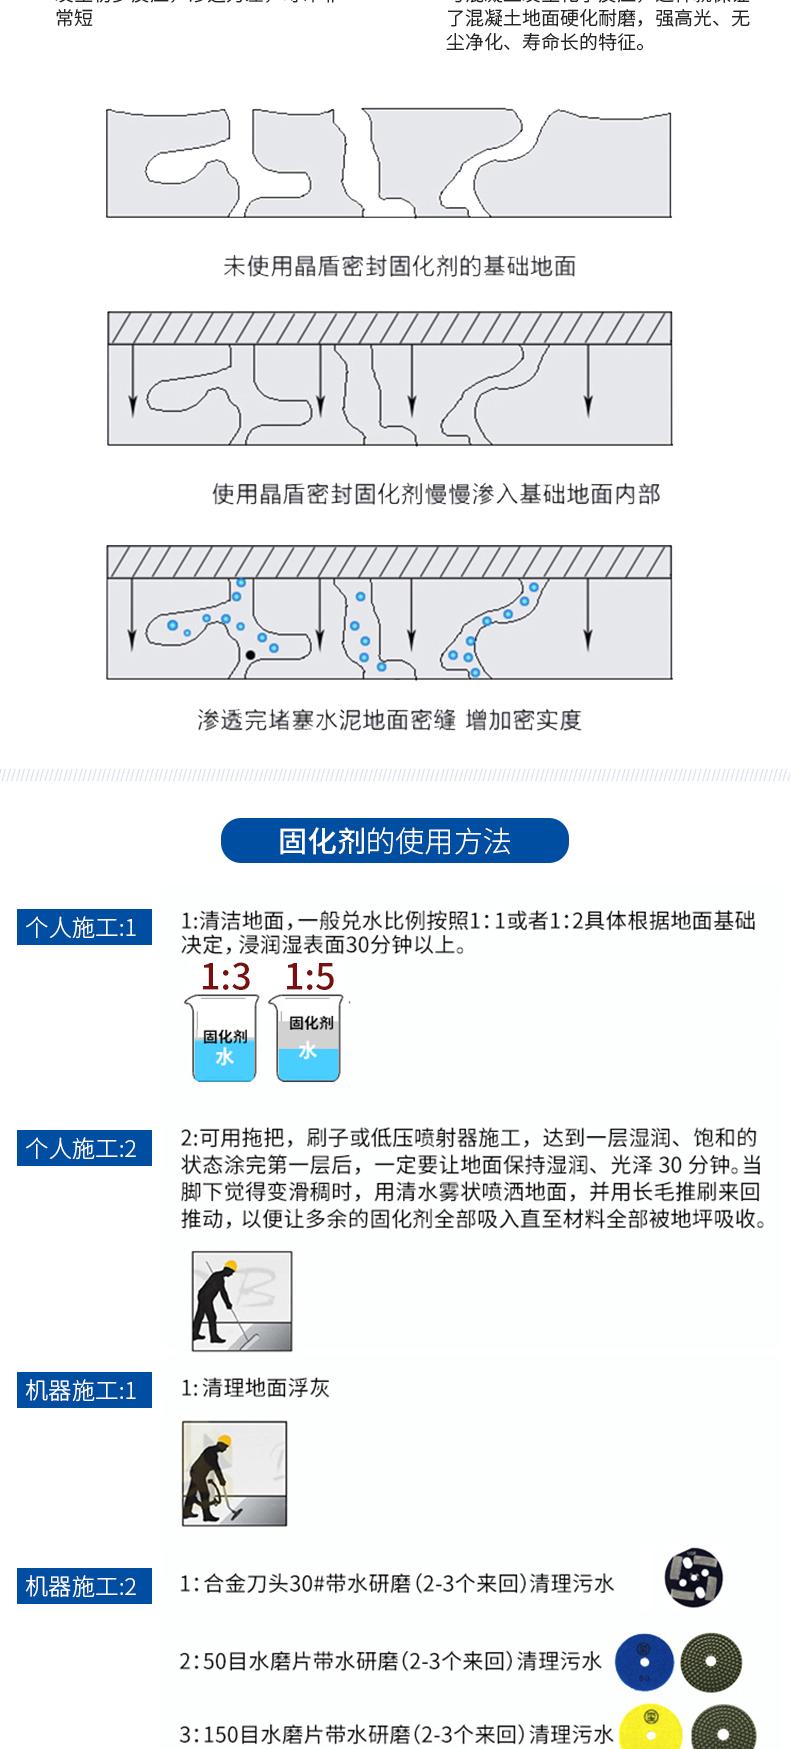 长图-巴斯夫固化剂_04.jpg